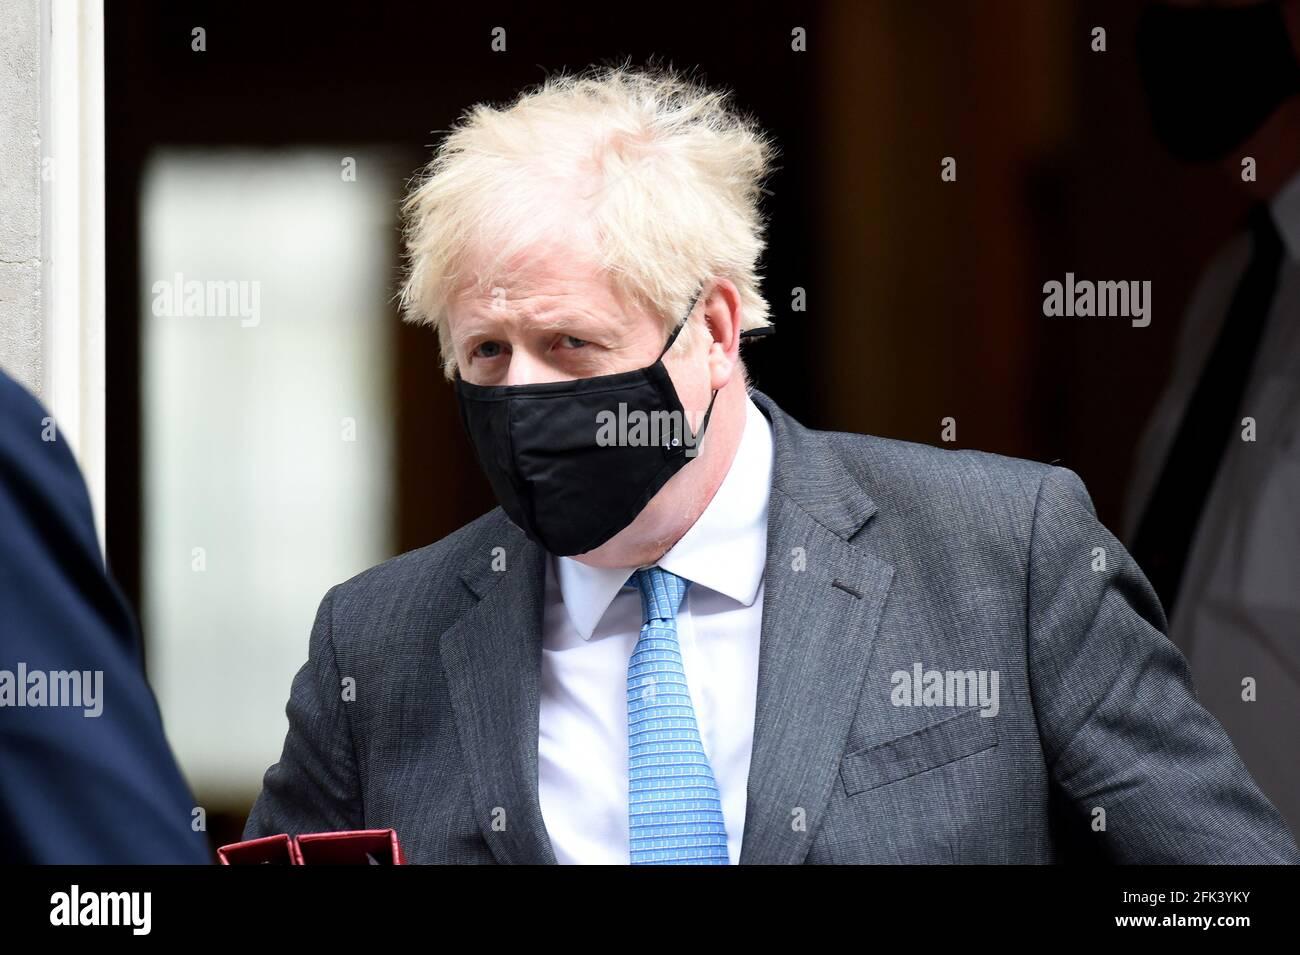 ROYAUME-UNI. 28 avril 2021. Downing Street Londres 28 avril 2021.le Premier ministre Boris Johnson quitte No10 pour se rendre à Westminster pour ses questions hebdomadaires des premiers ministres crédit : MARTIN DALTON/Alay Live News Banque D'Images